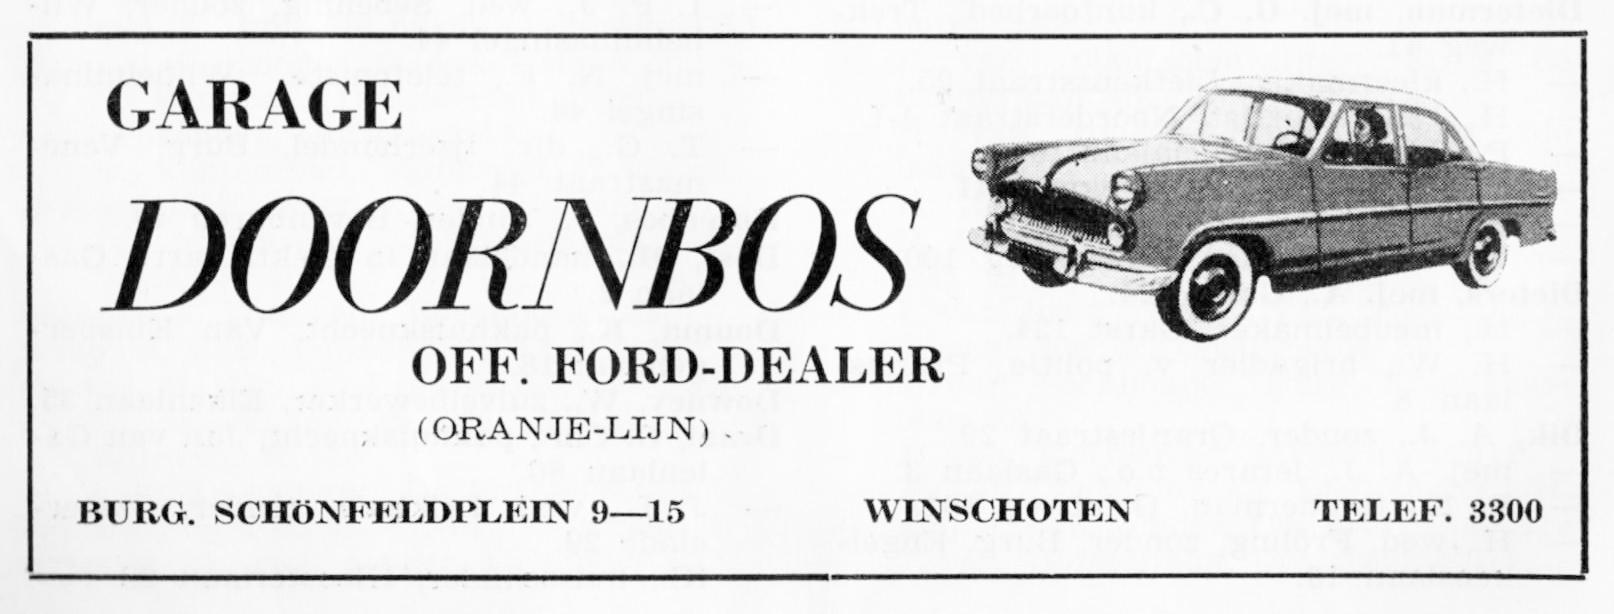 media-1957